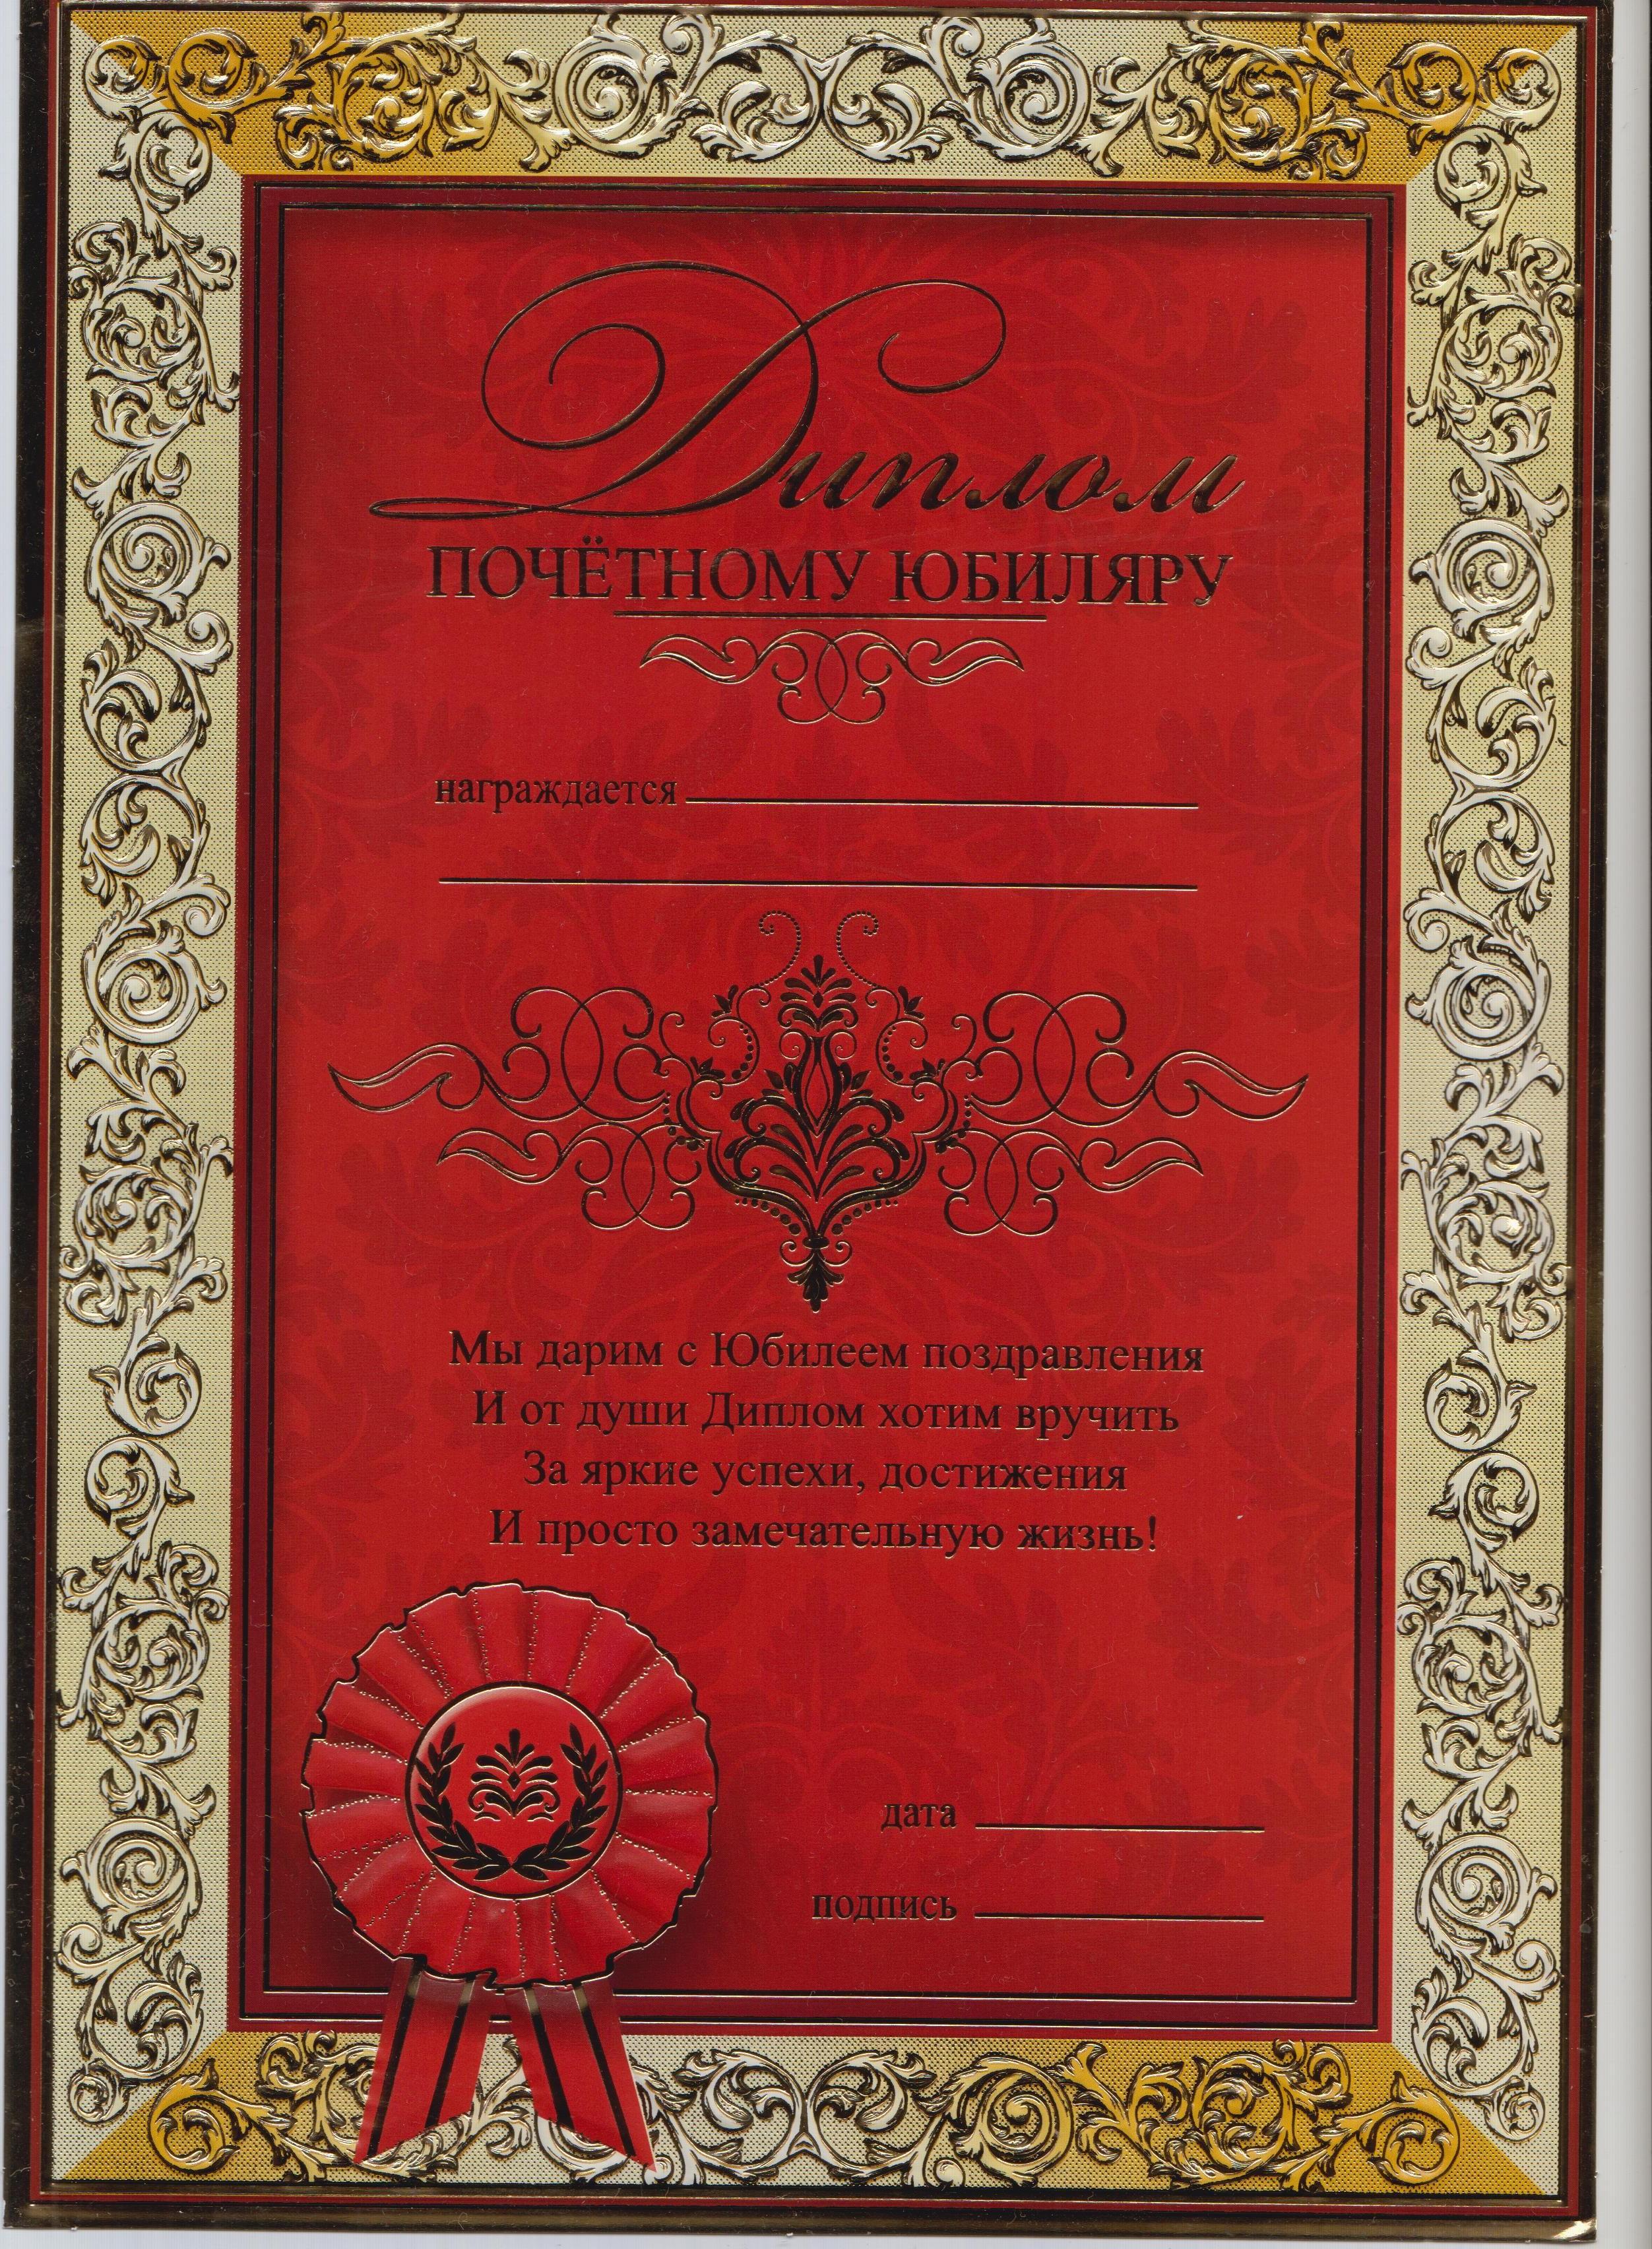 Нарисованные картинки, открытки грамоты на юбилей